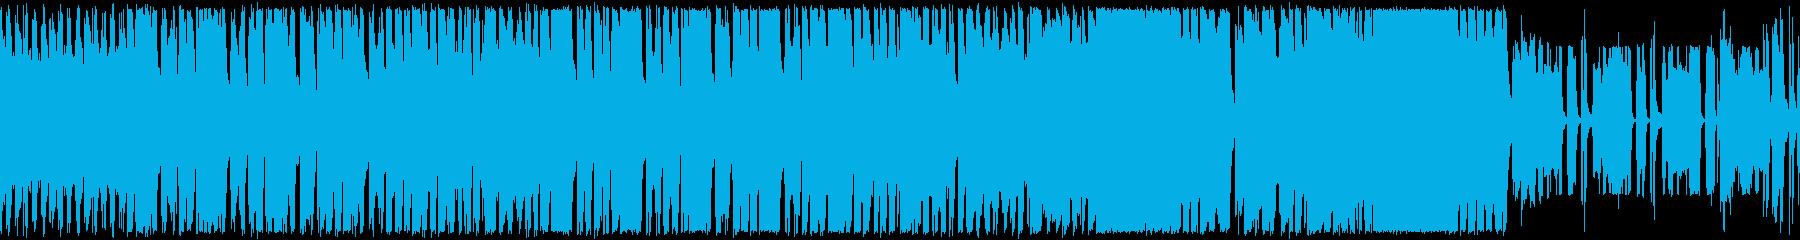 ロックンロールの原点から・ノリノリBGMの再生済みの波形